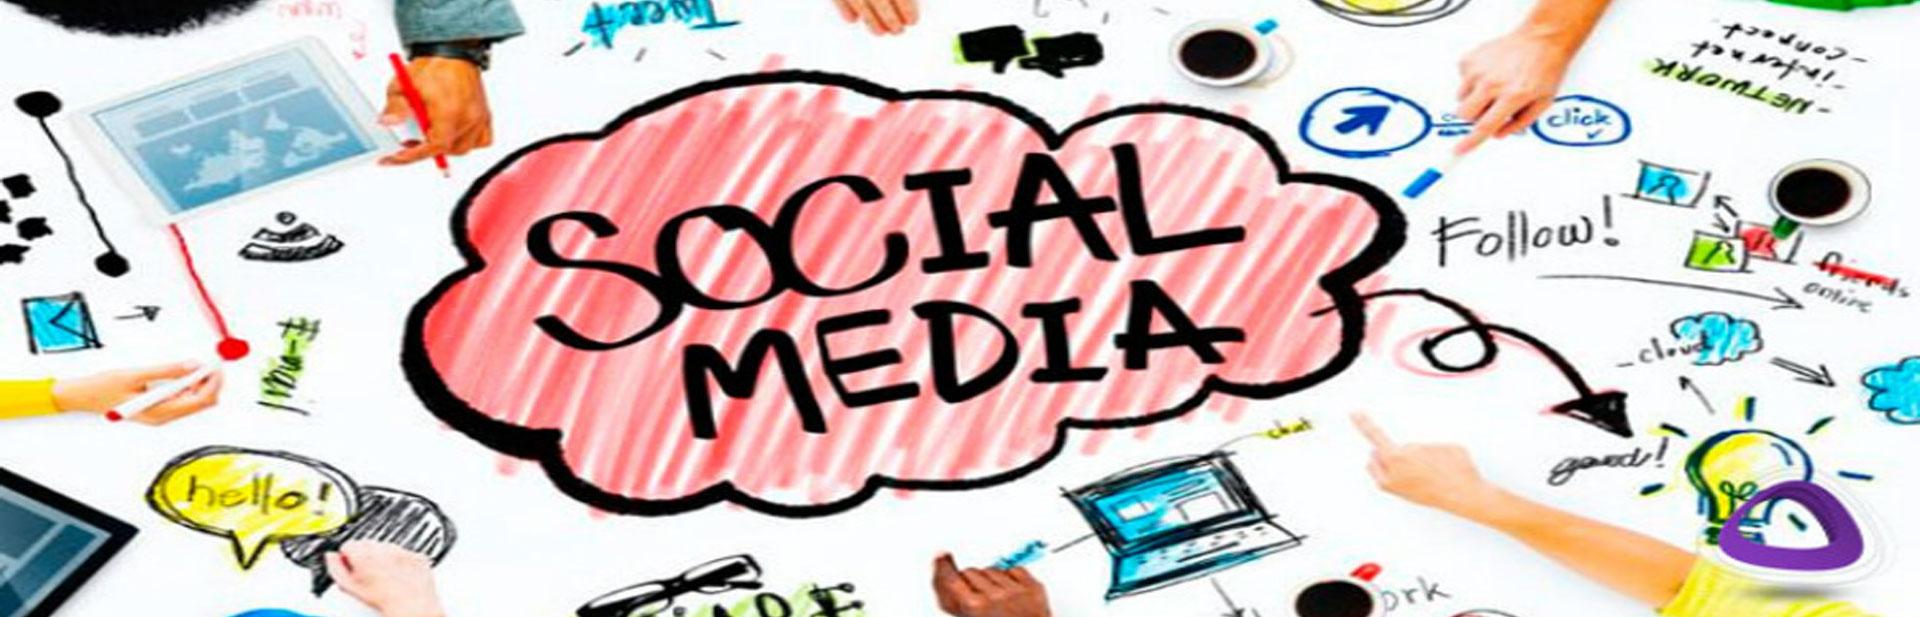 social media gnove